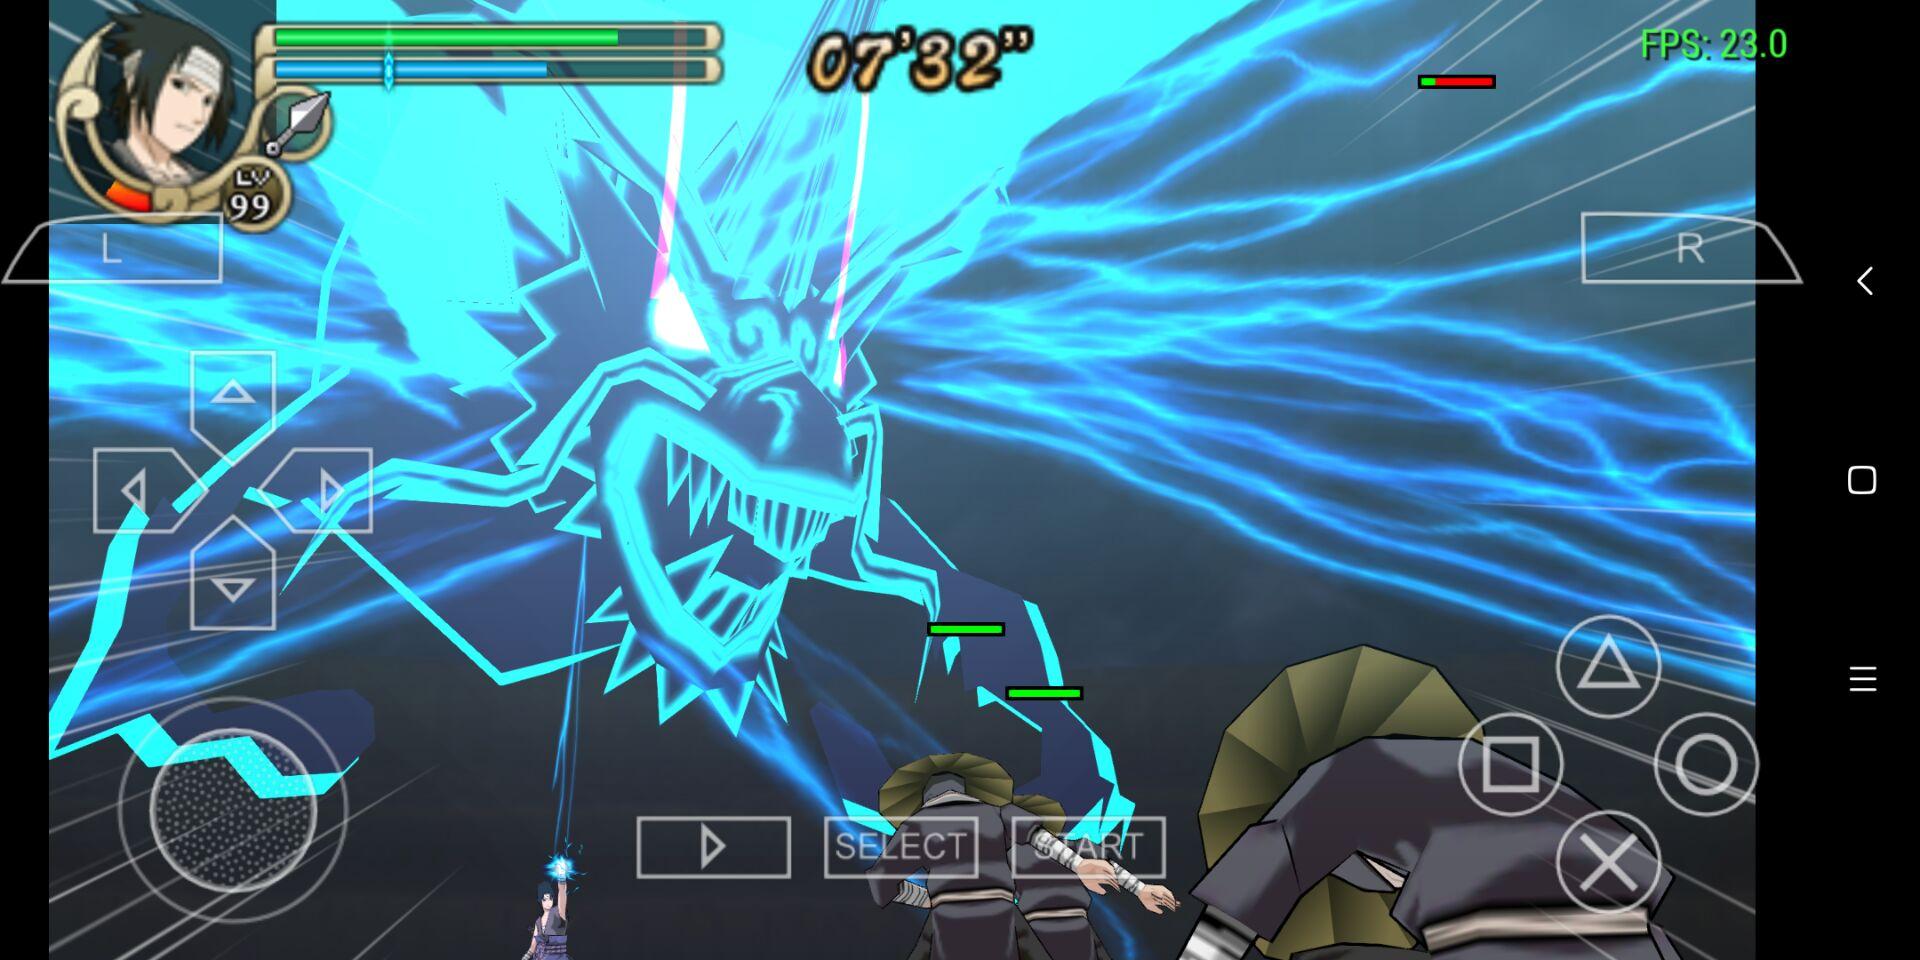 安卓PSP模拟器评测:火影忍者究极冲击